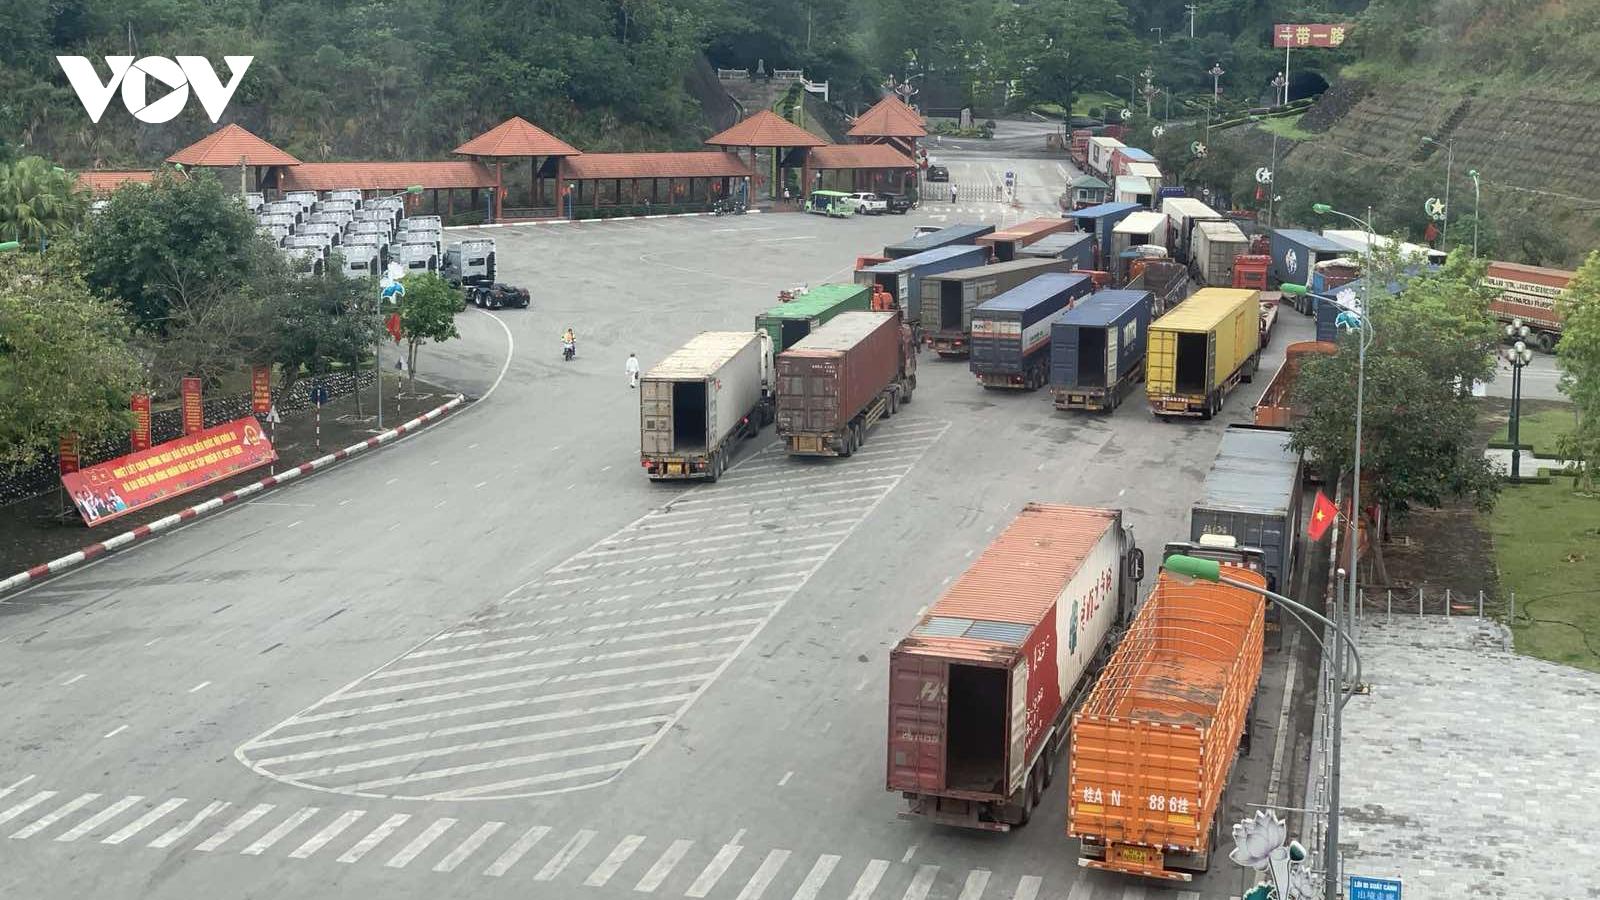 Mục tiêu kép giúp xuất - nhập khẩu tại các cửa khẩu phía Bắc ổn định và sôi động